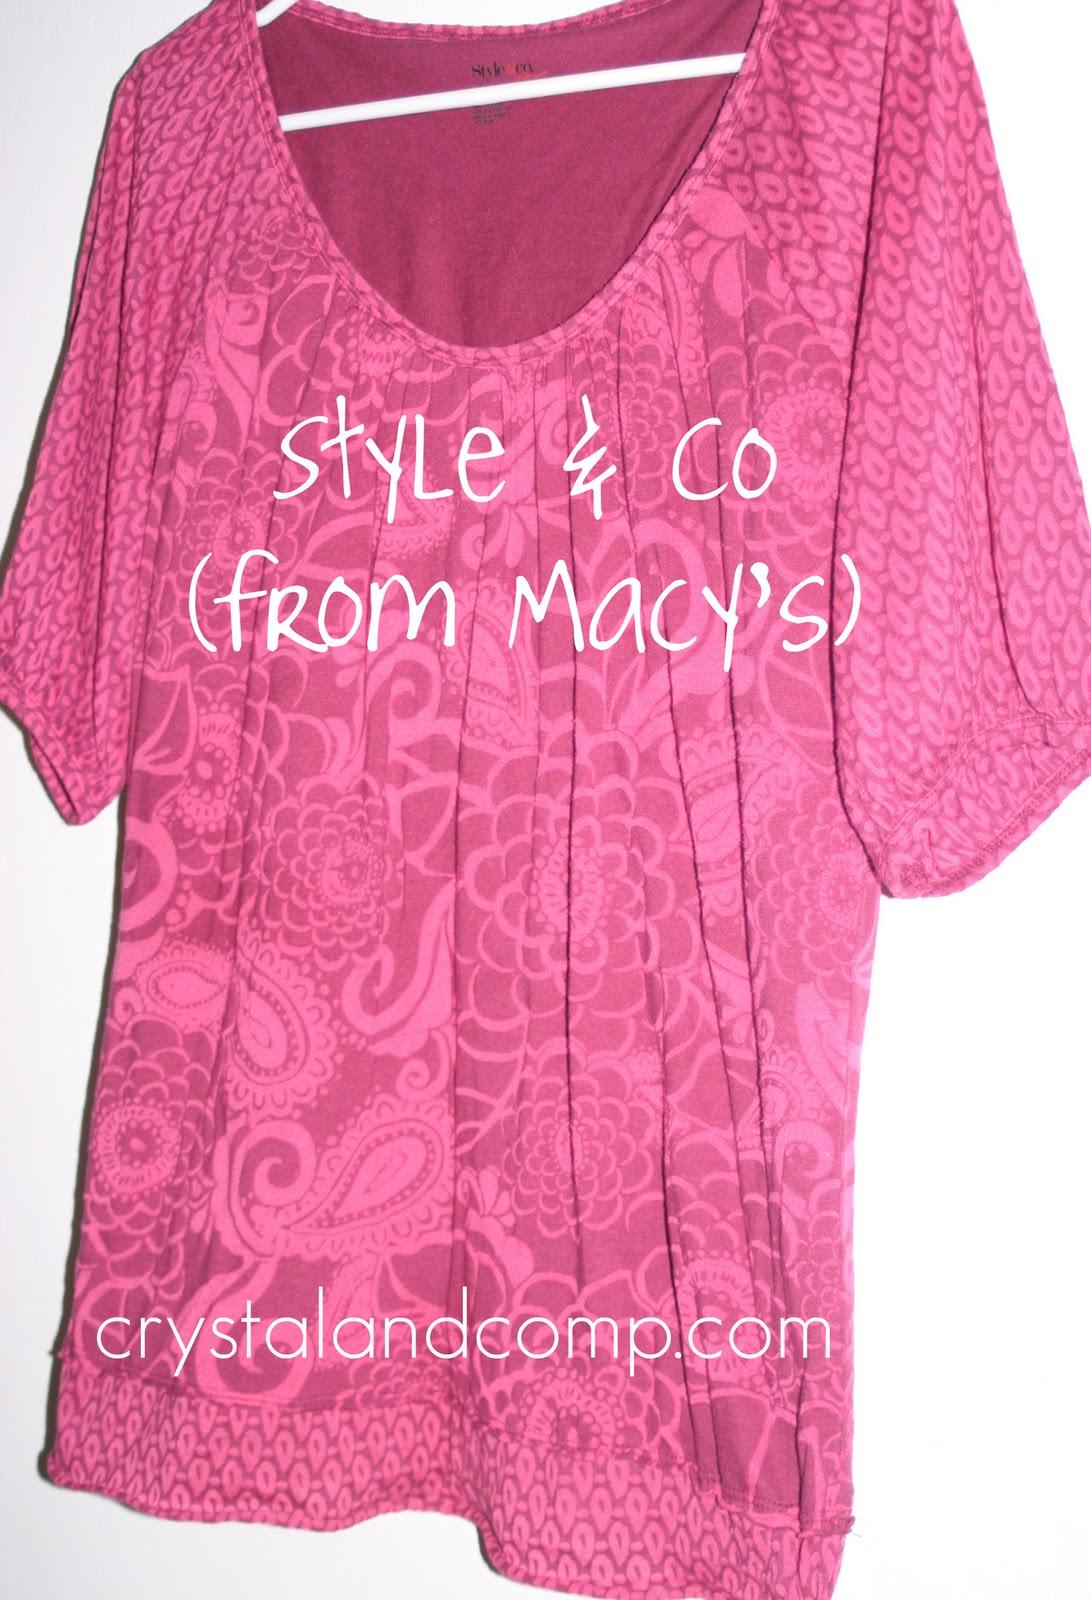 http://1.bp.blogspot.com/_jeeXIS4GRk0/TLRyOnbFqDI/AAAAAAAABy8/fICD2nM70Lk/s1600/pink+shirt.jpg